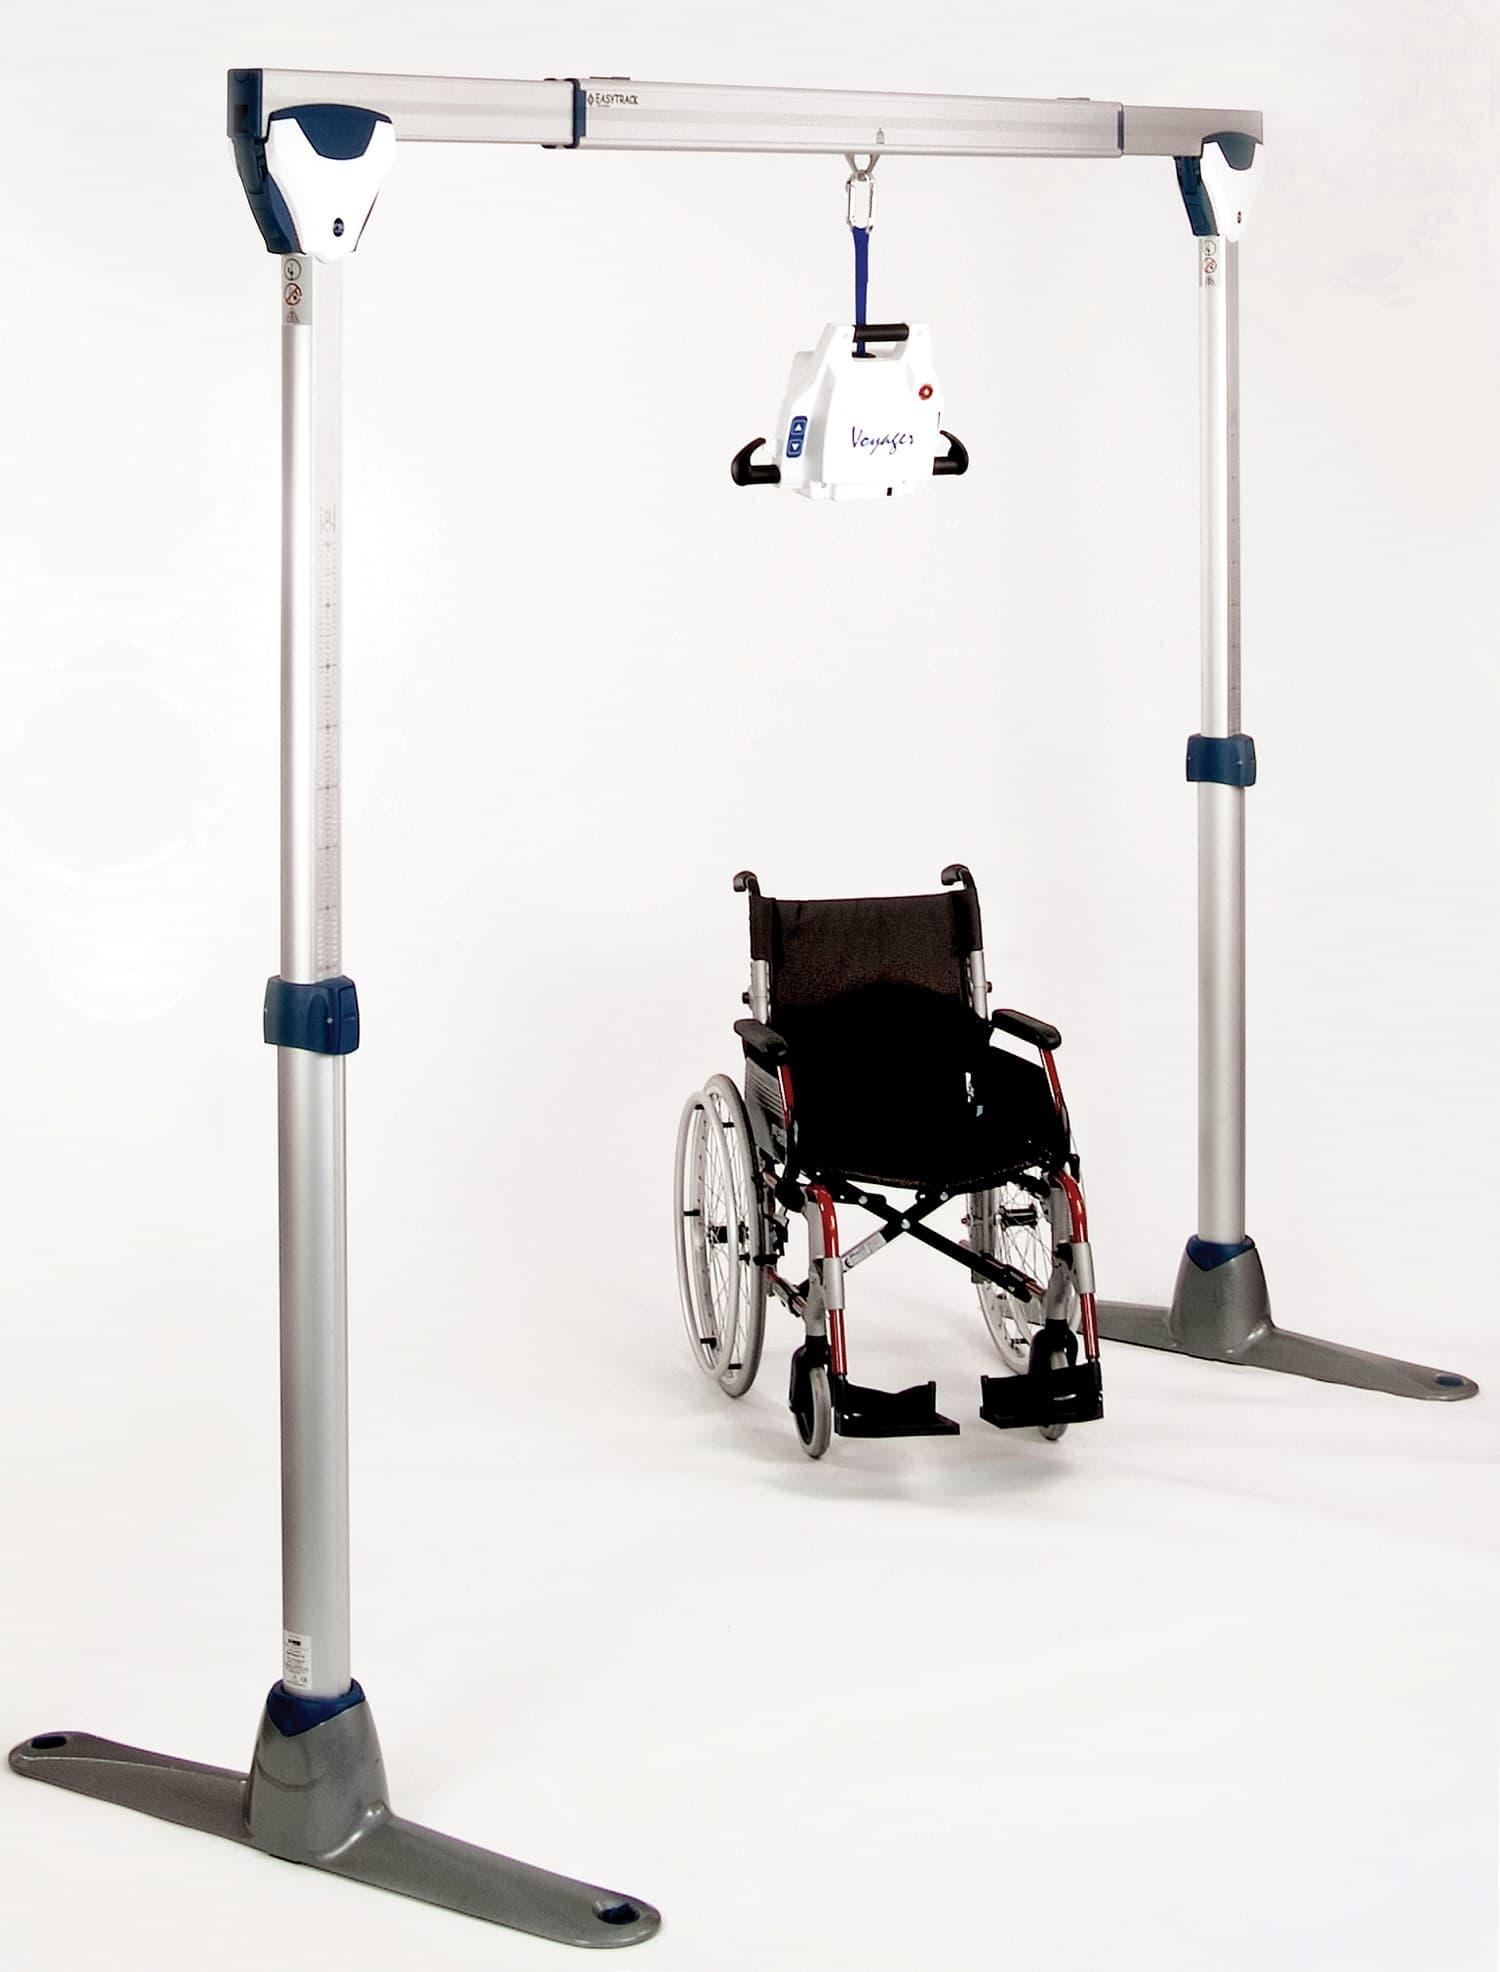 Easytrack Free Standing Gantry Hoist